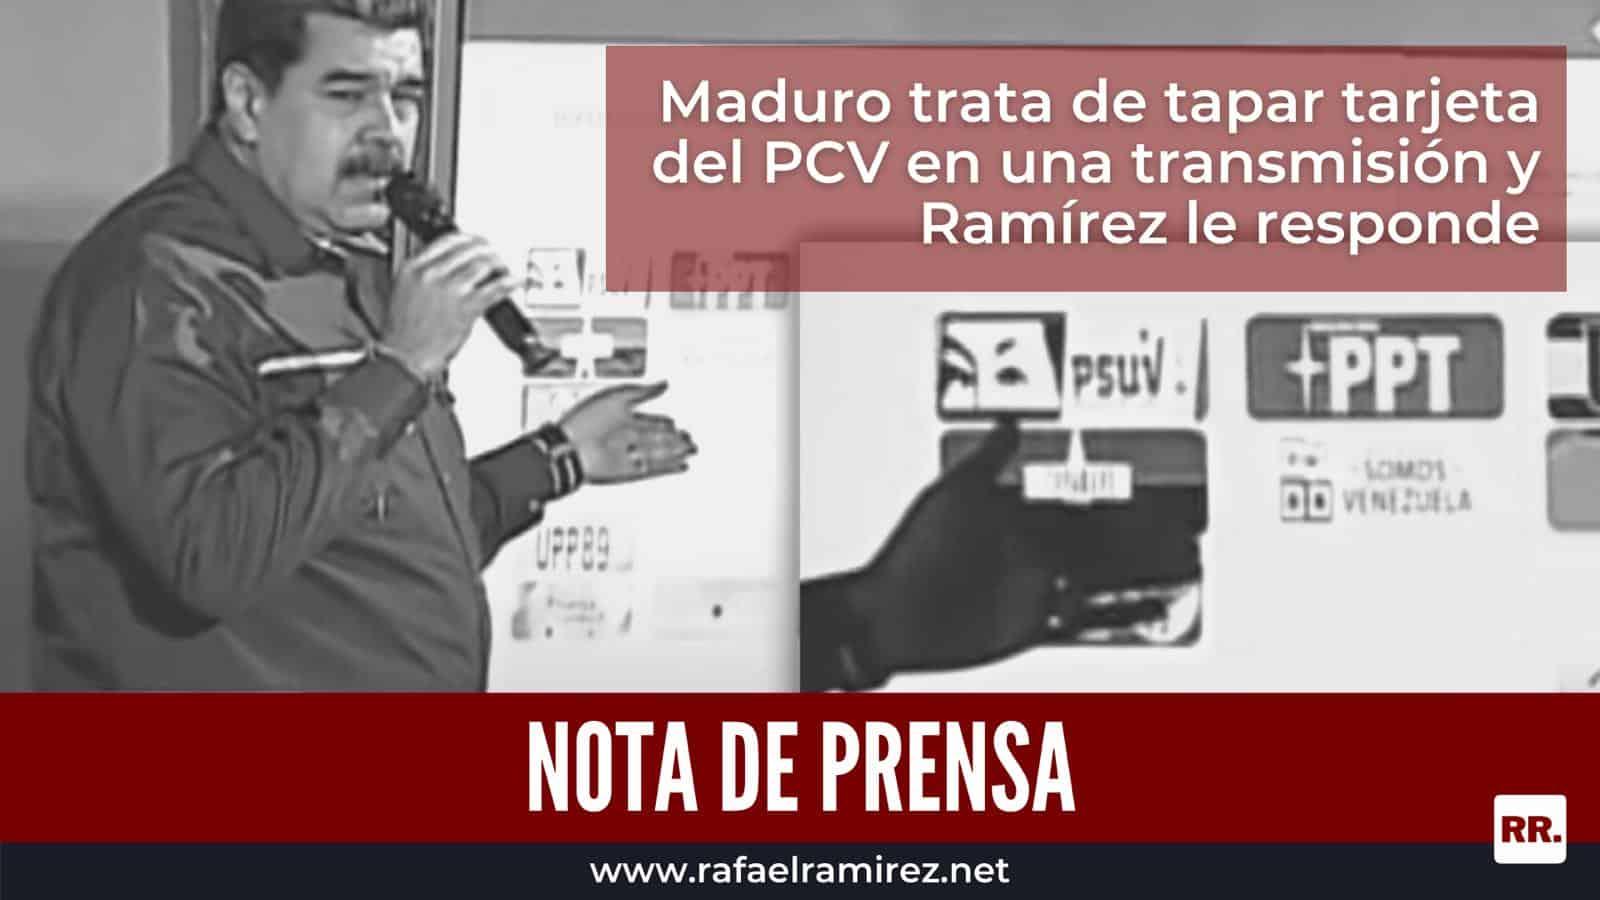 Maduro trata de tapar tarjeta del PCV en una transmisión y Ramírez le responde